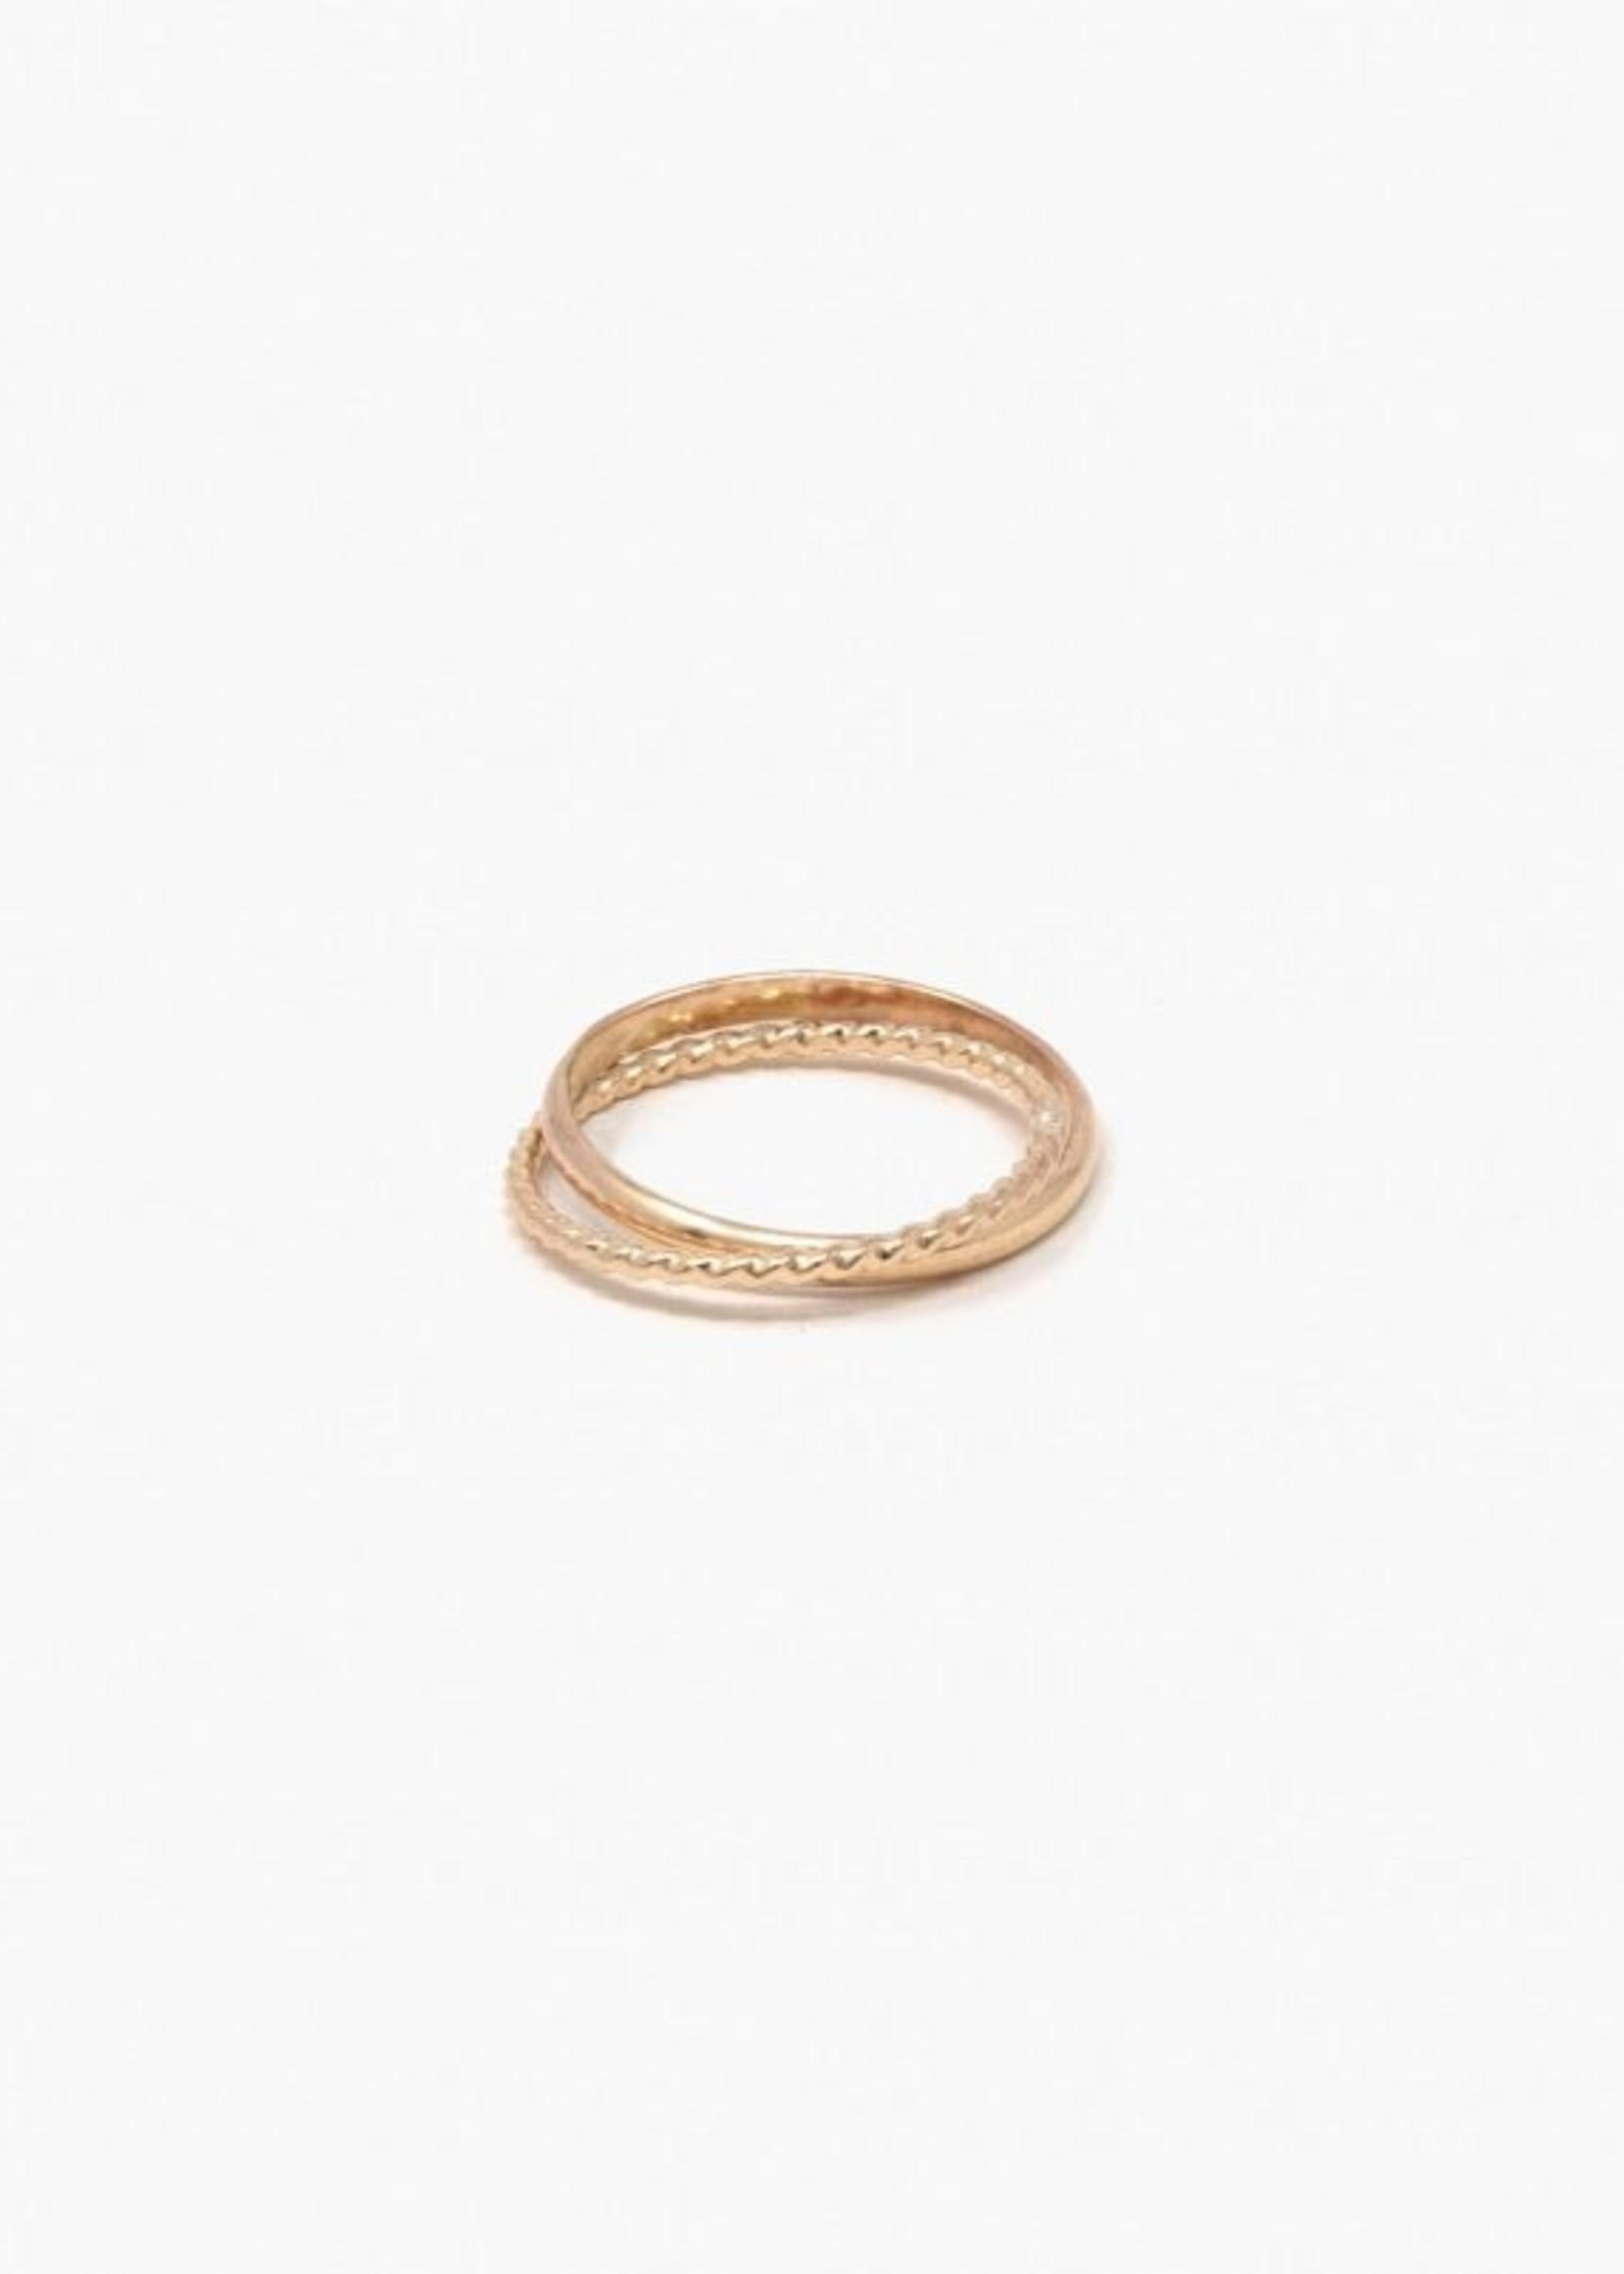 Virgil Ring